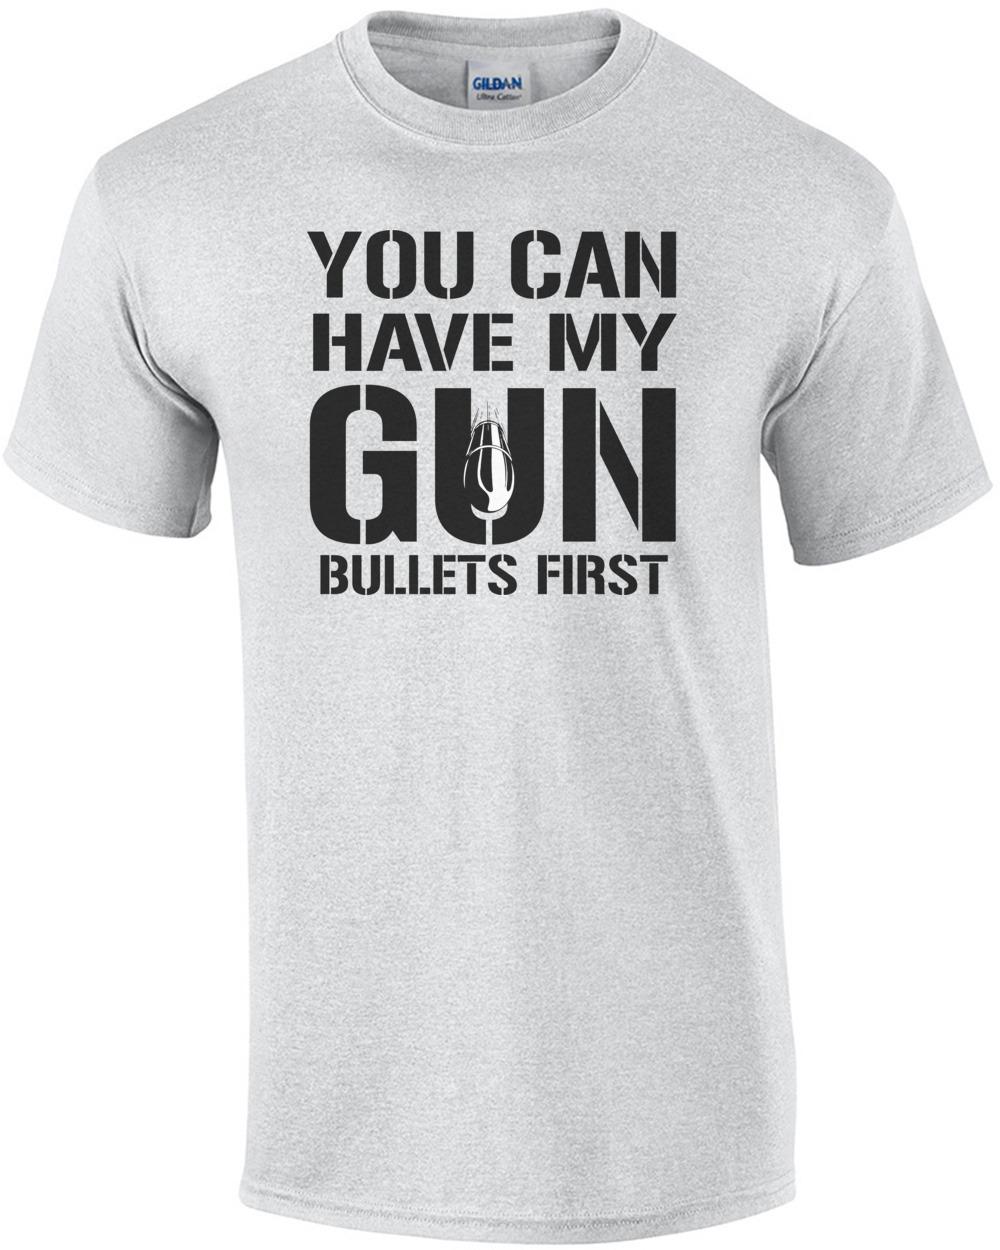 buy popular 15fd8 55d35 You can have my gun bullets first - pro gun t-shirt